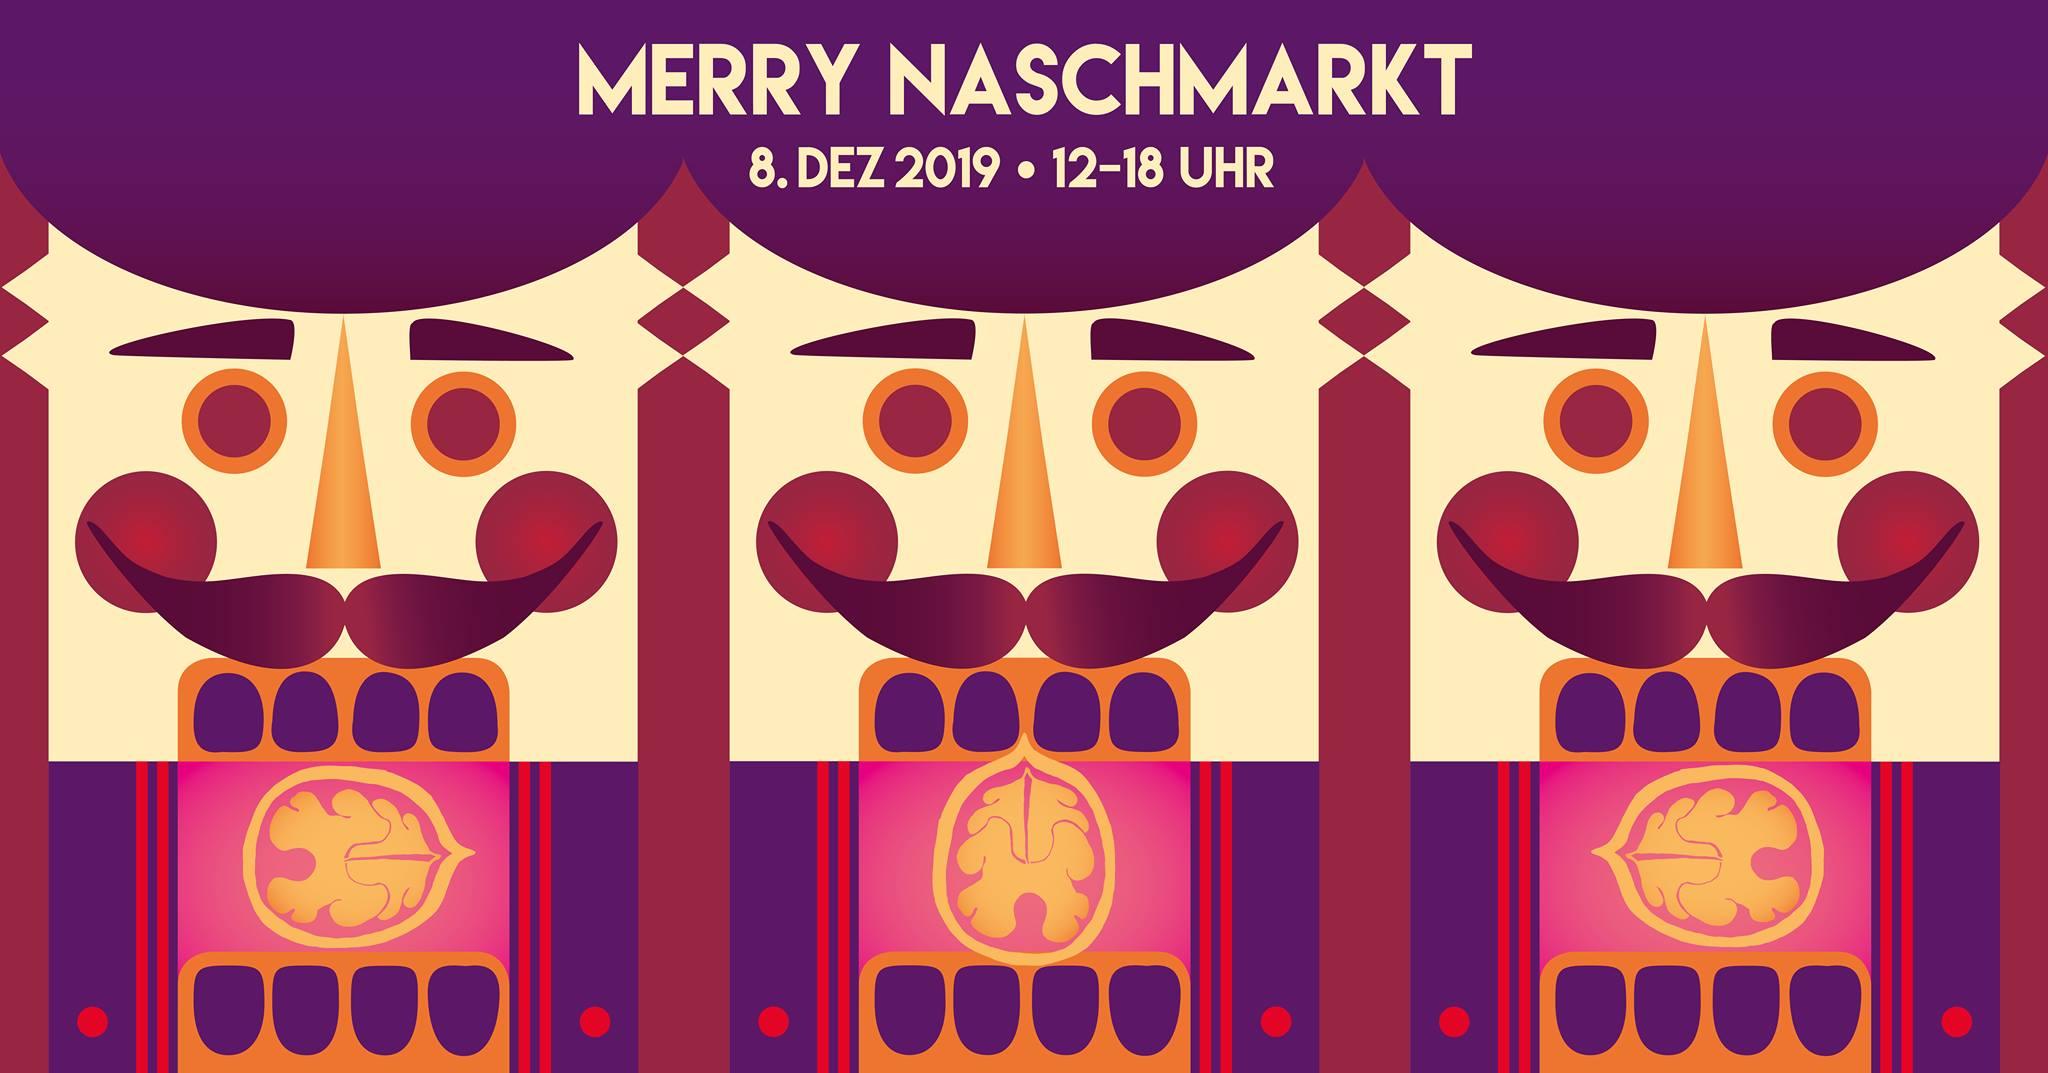 Weekend-Tipp: Merry Naschmarkt am 2. Advent / 08. Dezember